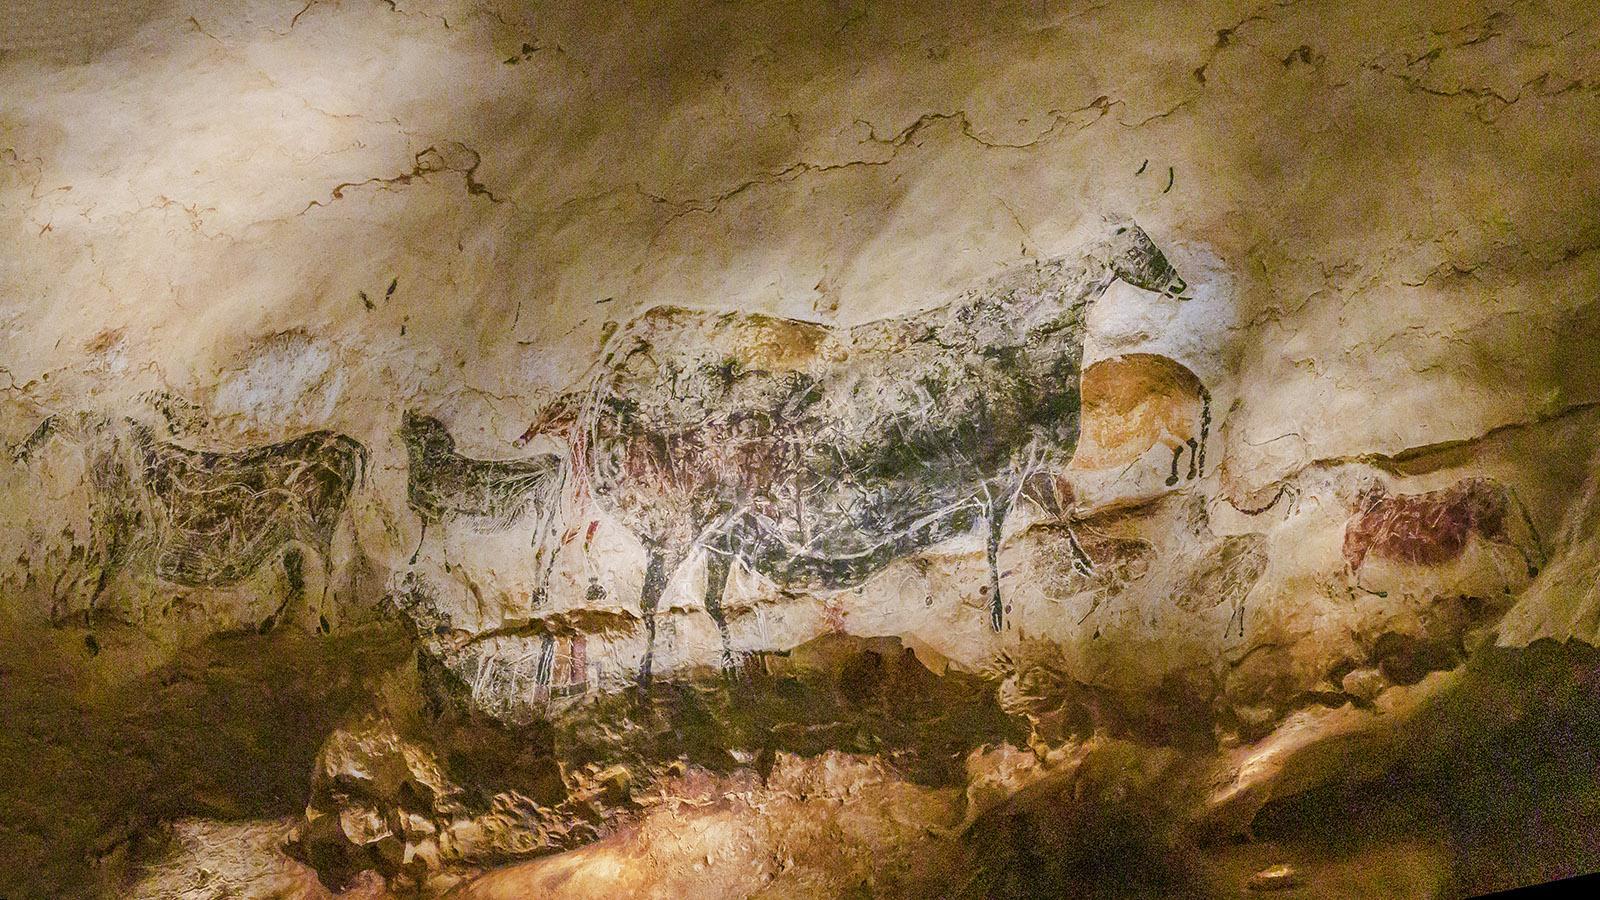 Eine perfekte Imitation: die prähistorische Grotte Lascaux IV. mit ihren Höhlenmalereien. Foto: Hilke Maunder